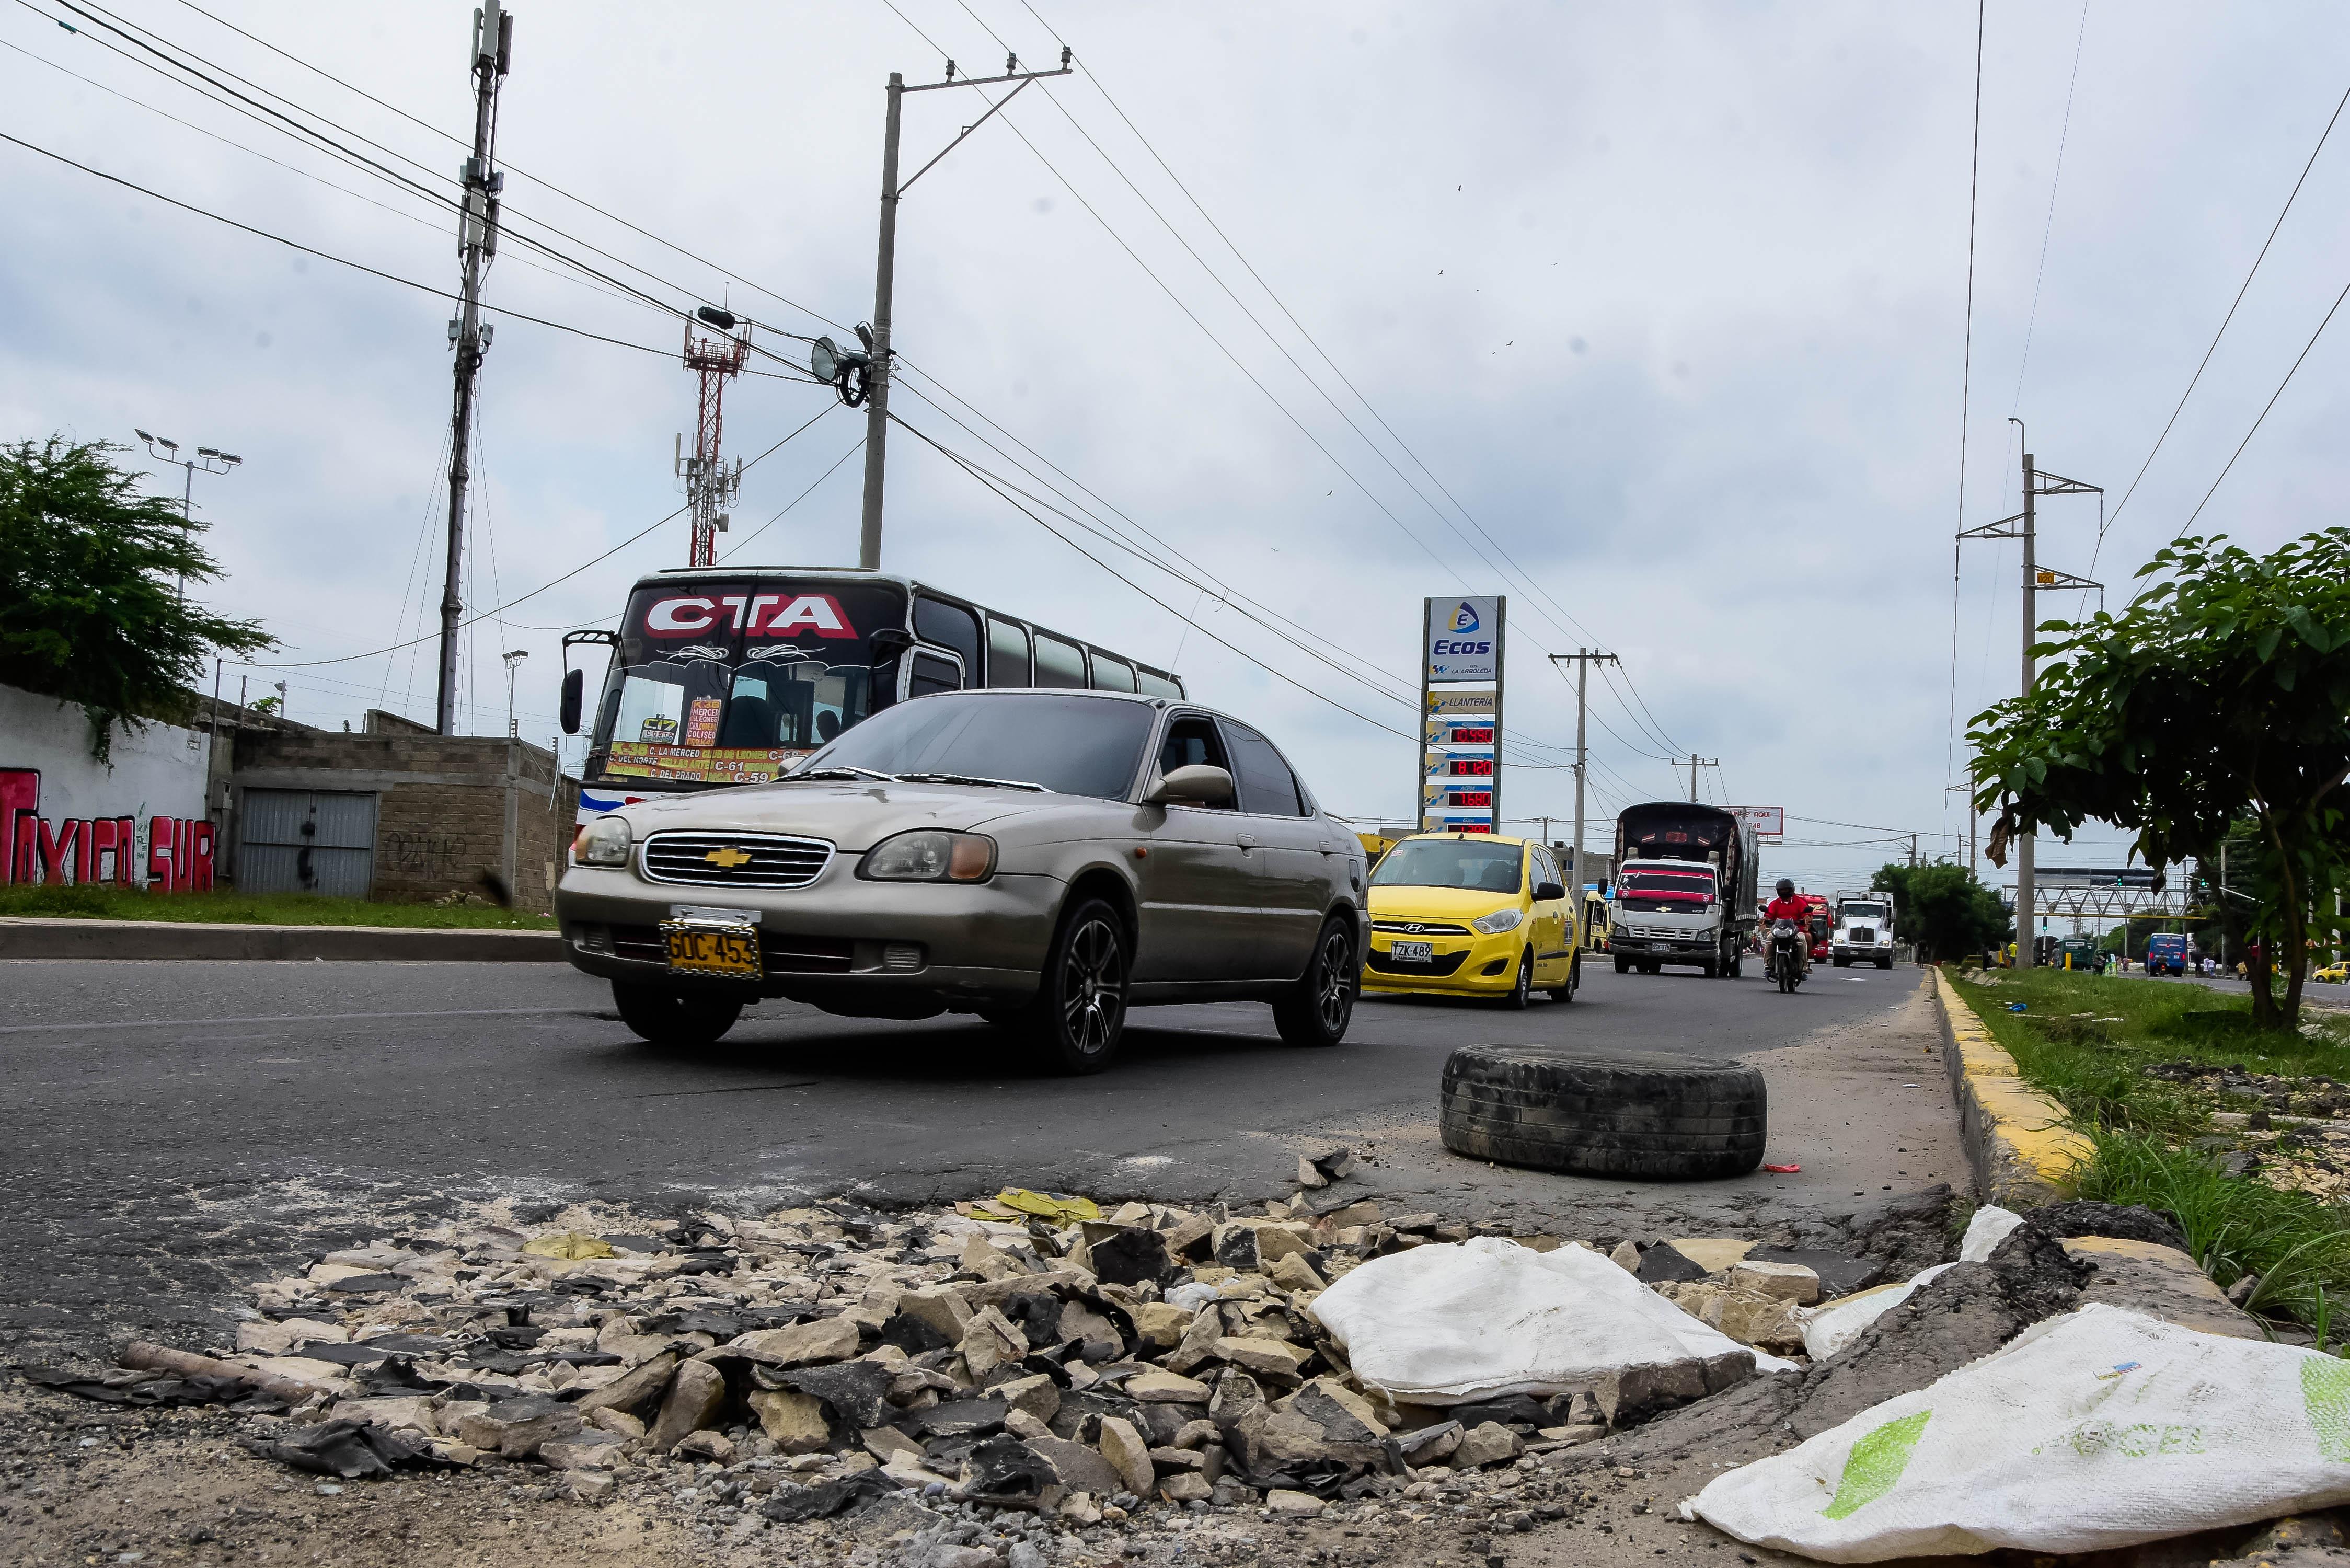 Uno de los cráteres ubicado en el tramo de la calle 43 con Avenida Circunvalar, rellenado con escombros.